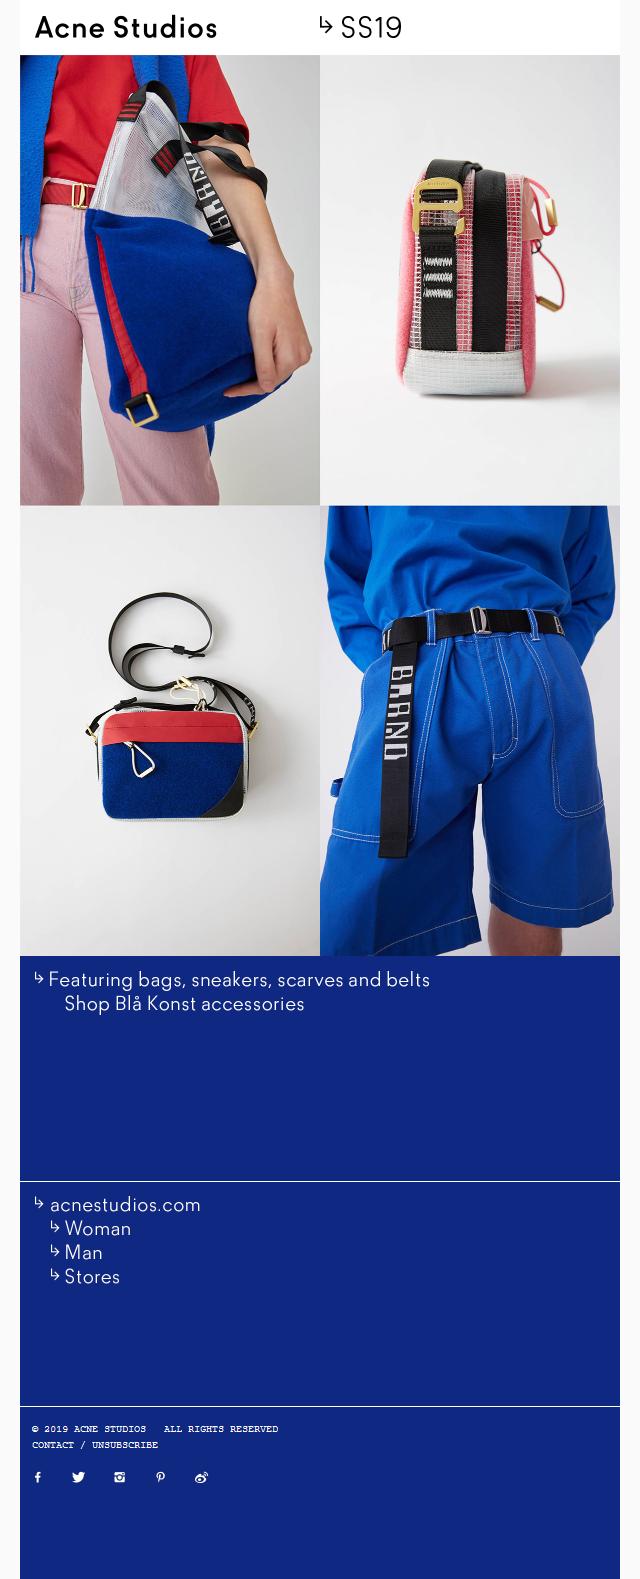 Blå Konst SS19 accessories